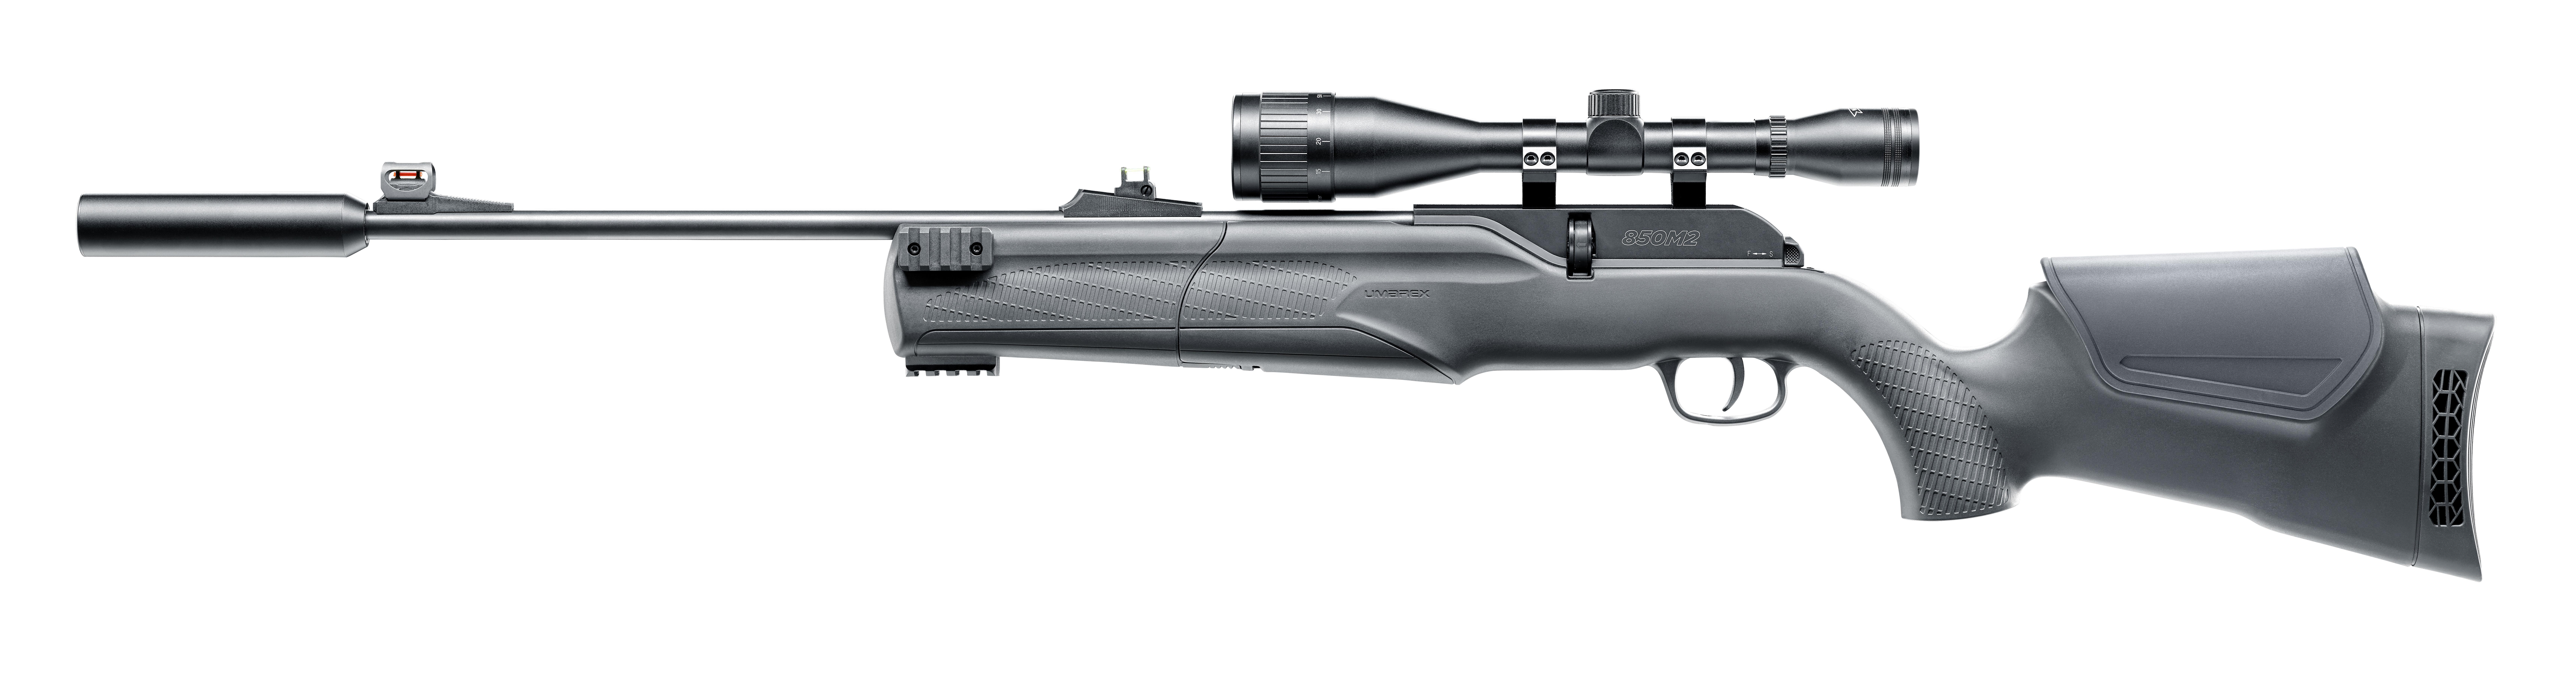 UMAREX CO2 Airgun 850 M2 Target Kit